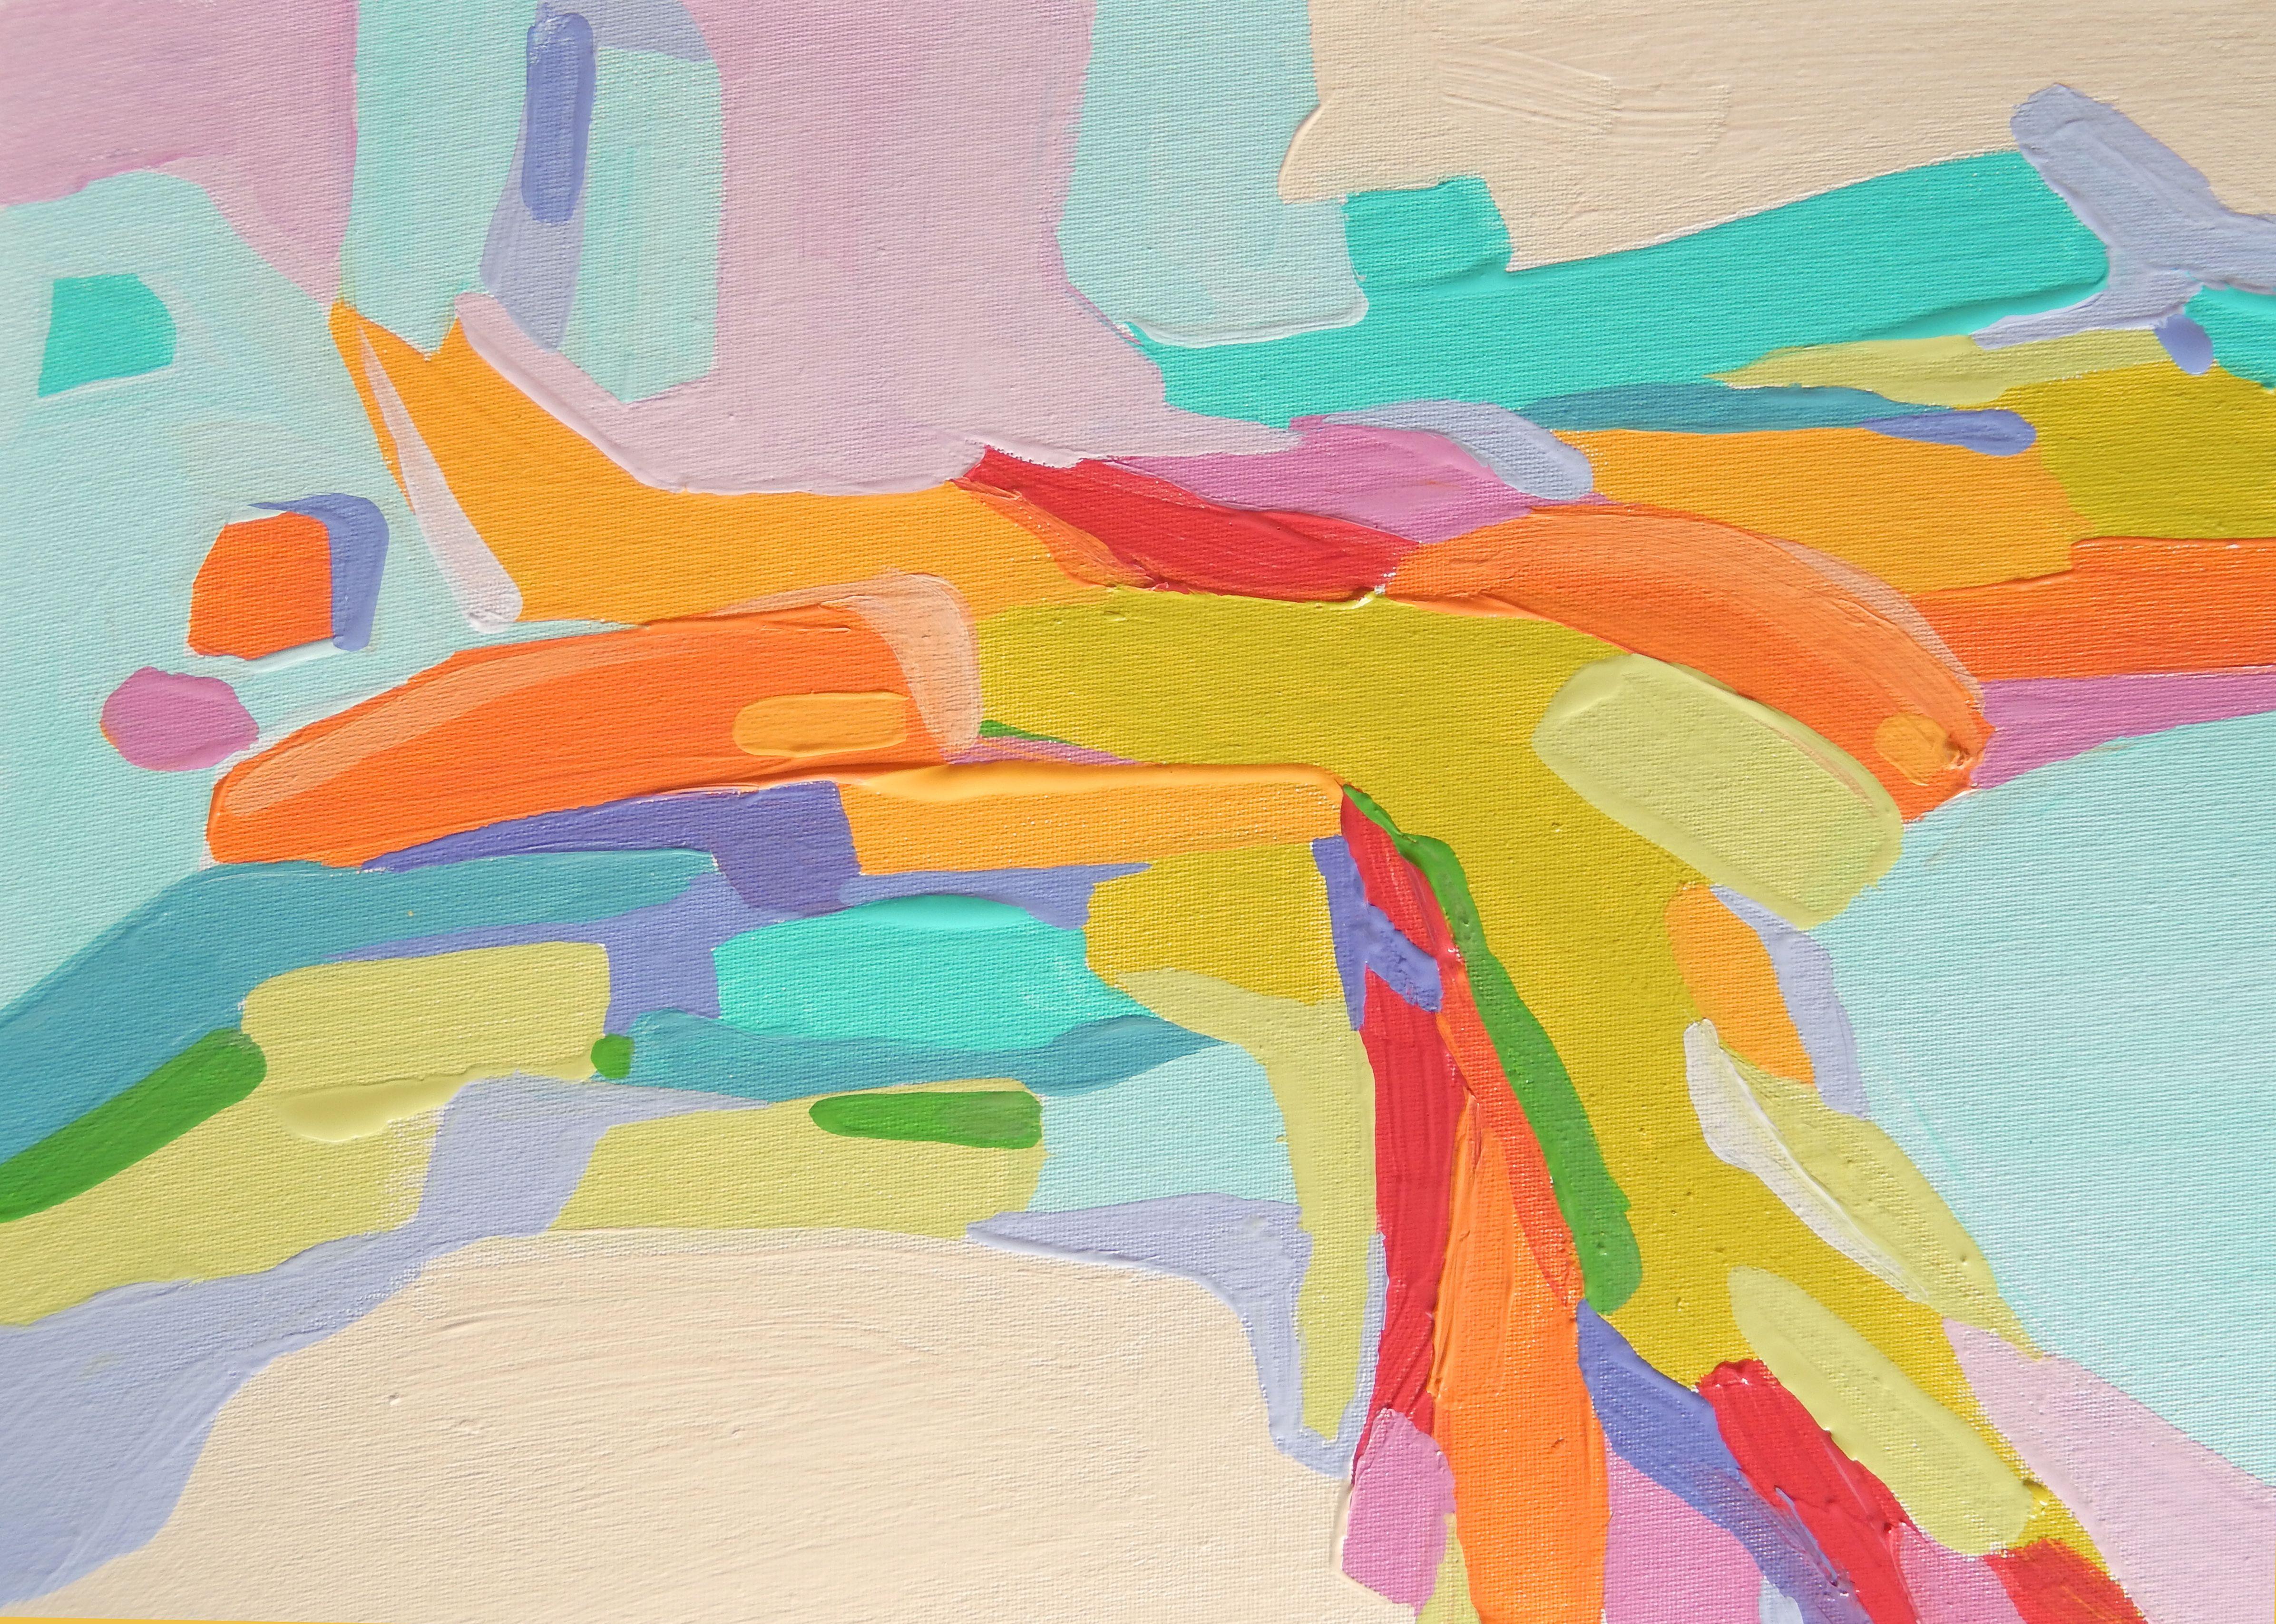 12 x 16 acrylic paint on canvas